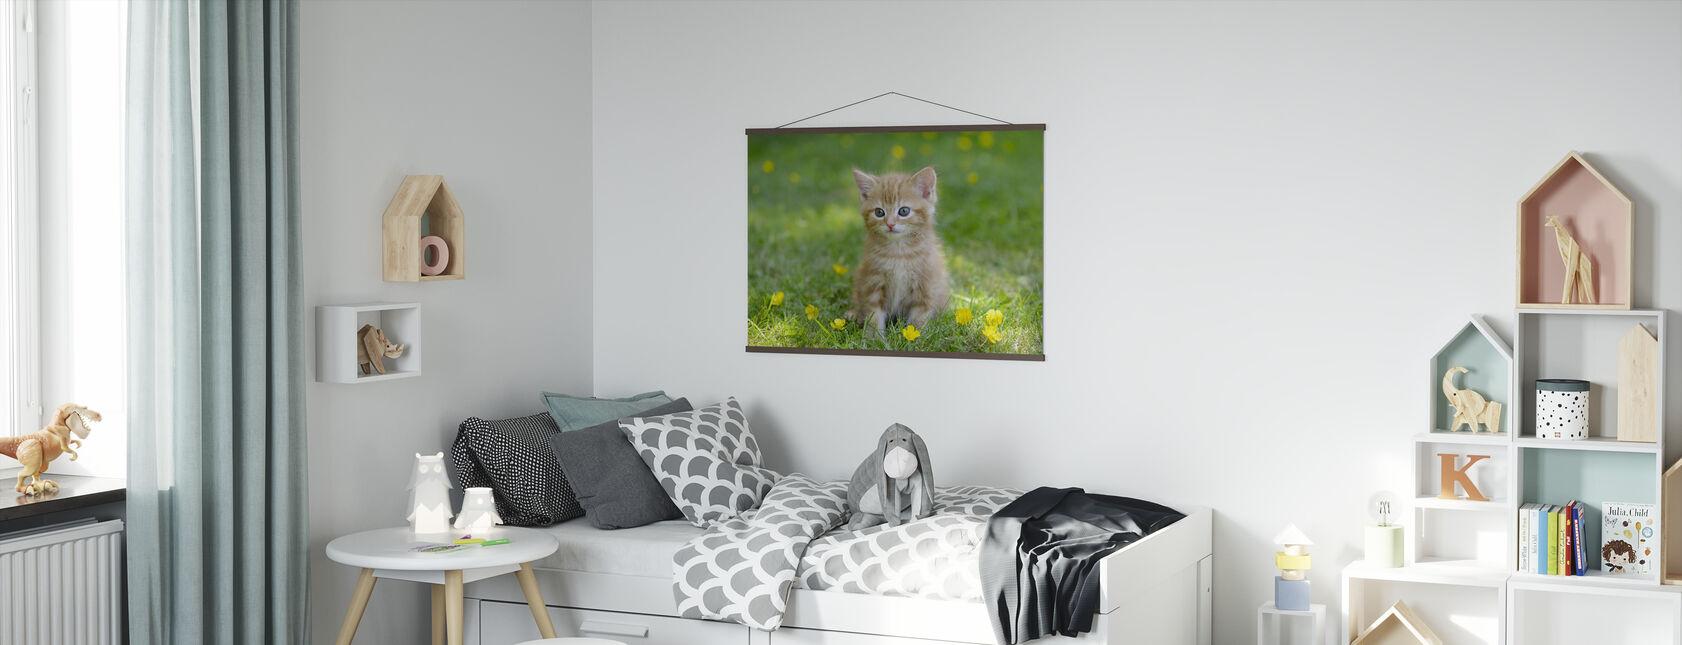 Ingefær kat - Plakat - Børneværelse